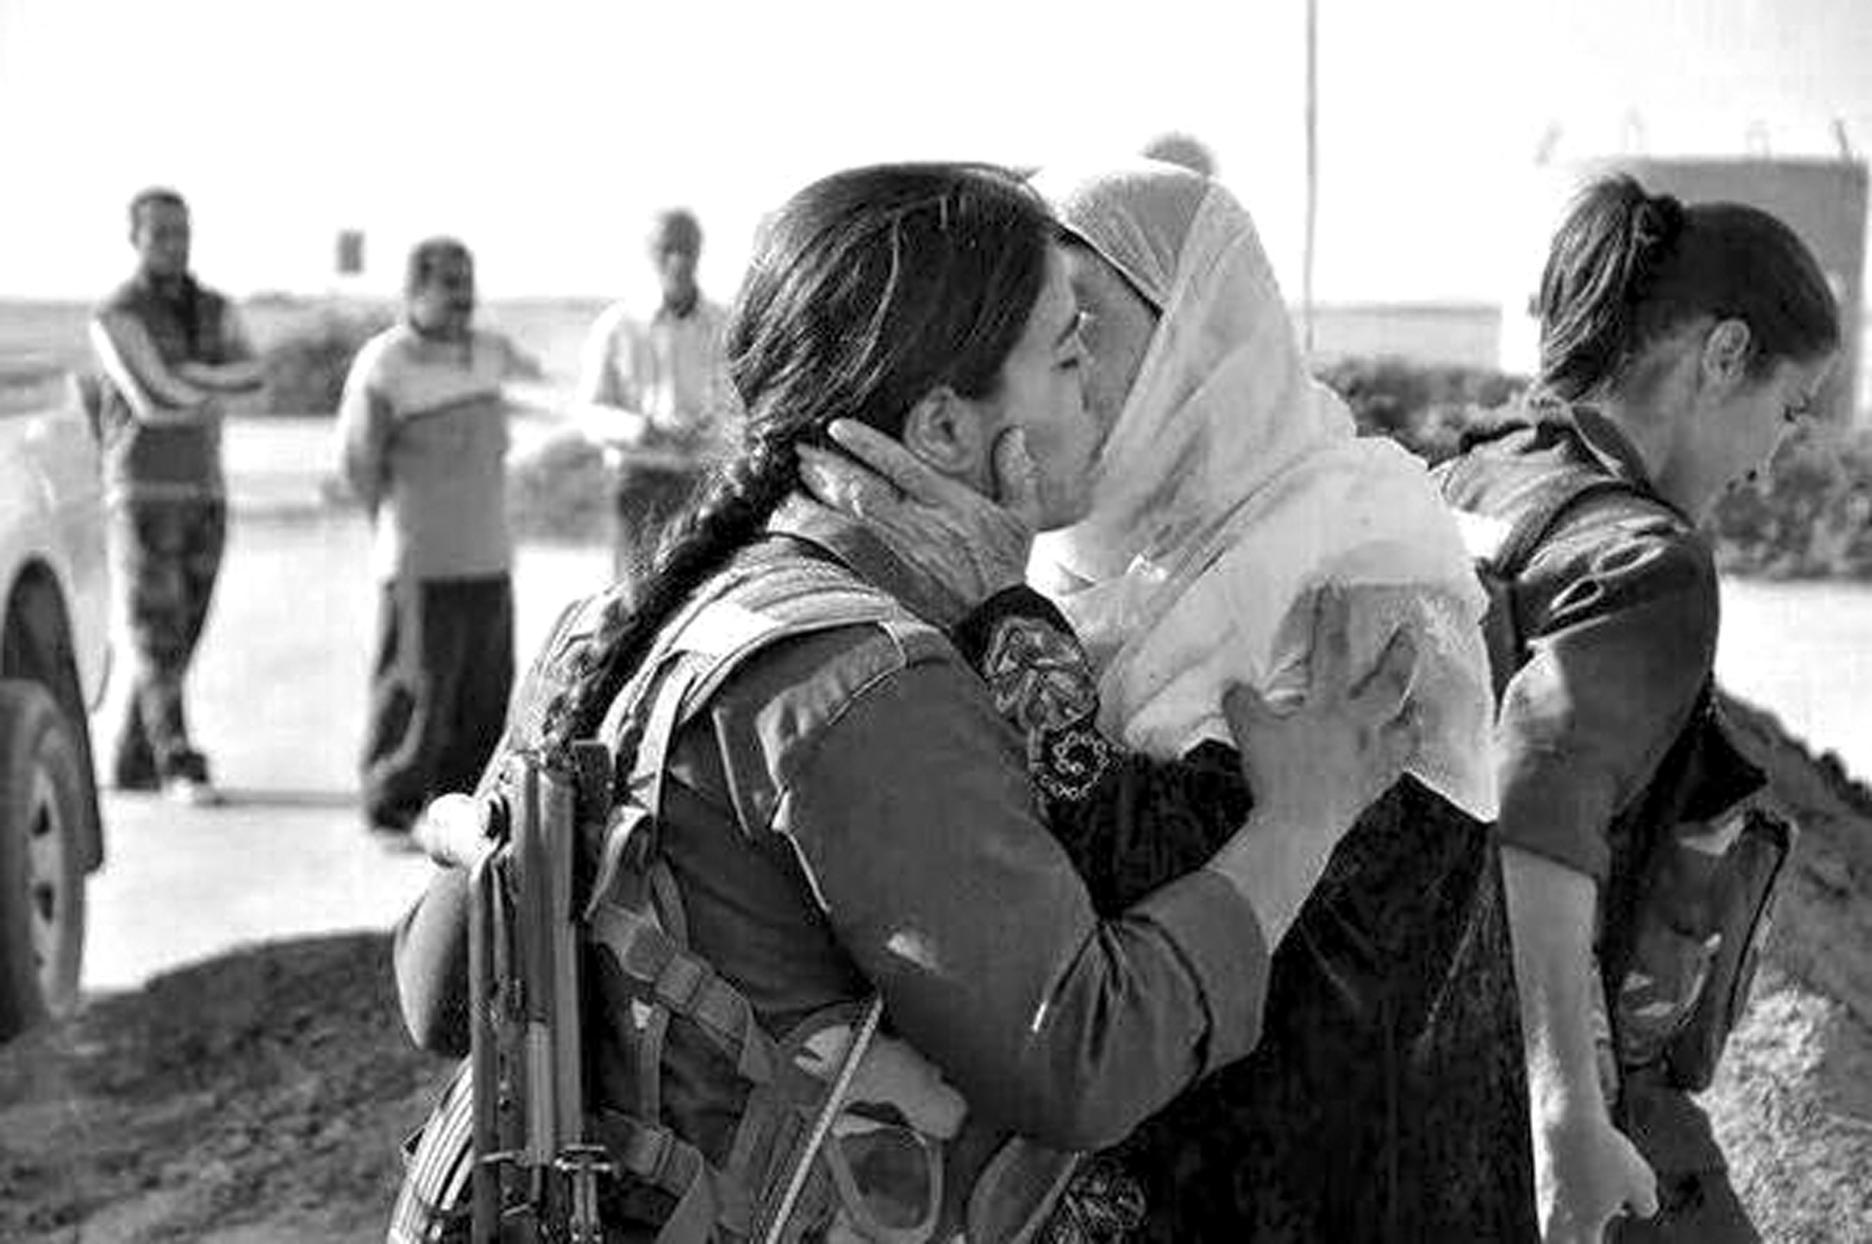 Eine Mutter verabschiedet ihre Tochter auf dem Weg zu den Verteidigungslinien Rojavas gegen den IS